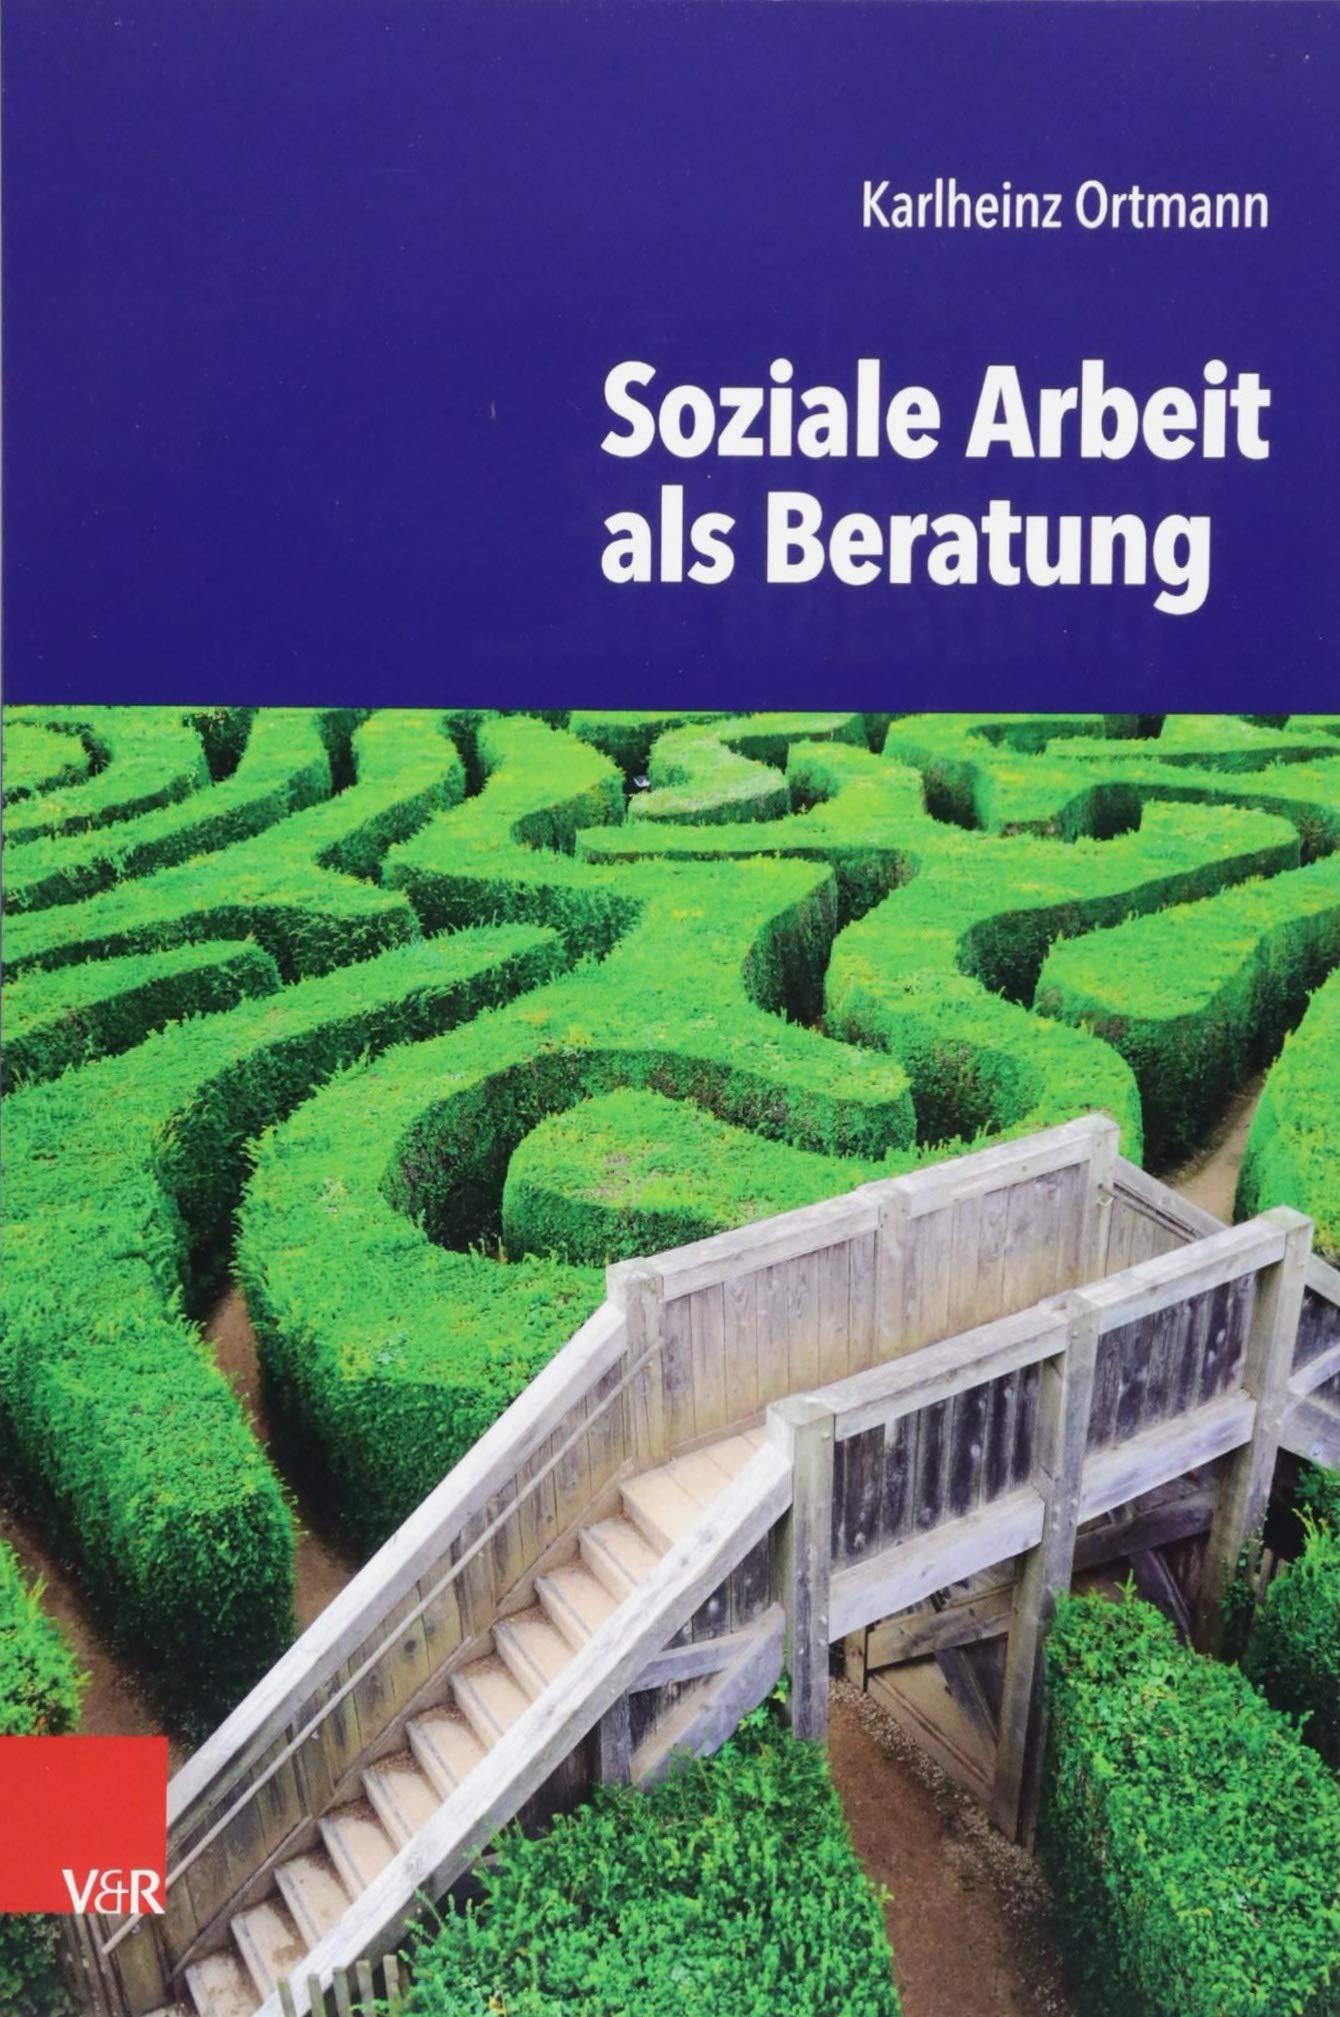 Soziale Arbeit als Beratung Taschenbuch – 10. September 2018 Karlheinz Ortmann Vandenhoeck & Ruprecht 3525616244 Sozialarbeit